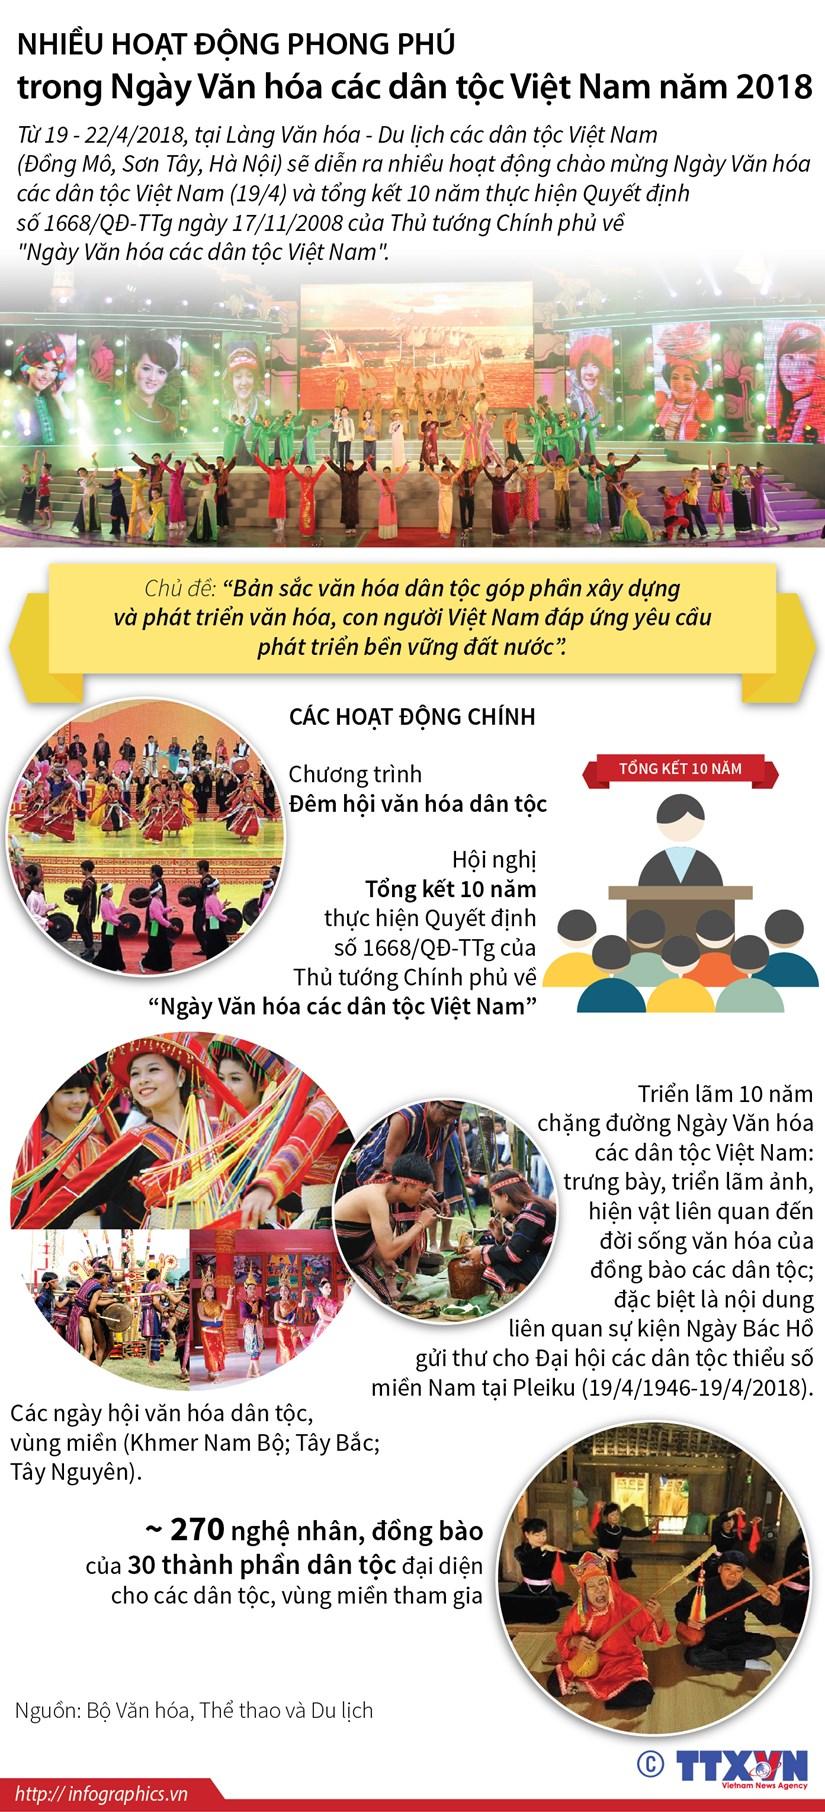 [Infographics] Nhieu hoat dong trong Ngay Van hoa cac dan toc Viet Nam hinh anh 1